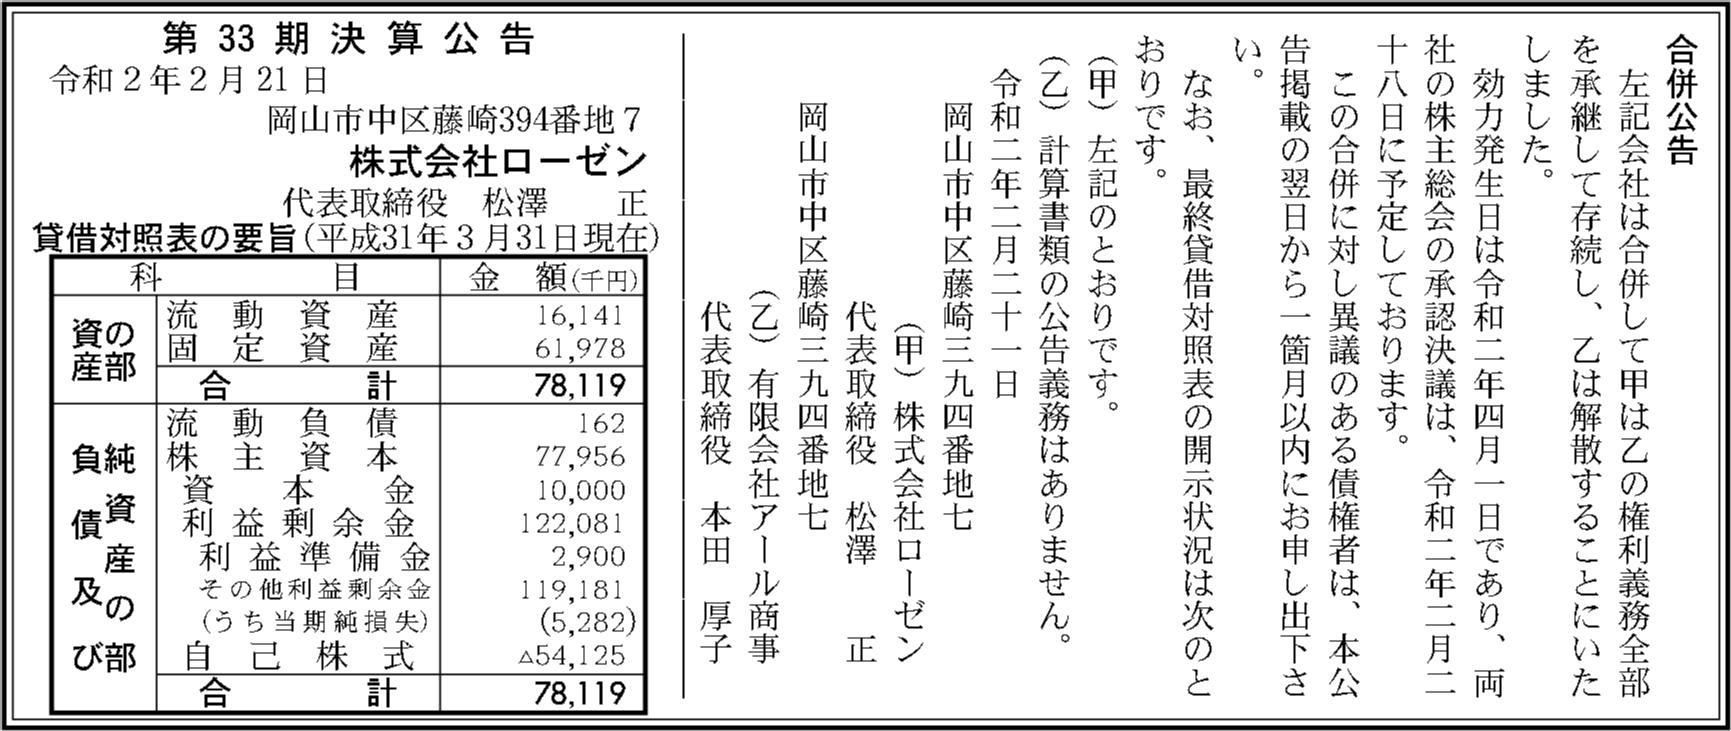 0127 231369bb18128f302e74d4fc2dfd3f717be6edc3a328f28b4da76b4d4444899bcd10572144e06c0f0624b2ffeba2f928790a064e9a72df178c6c60fd30de5e2d 01